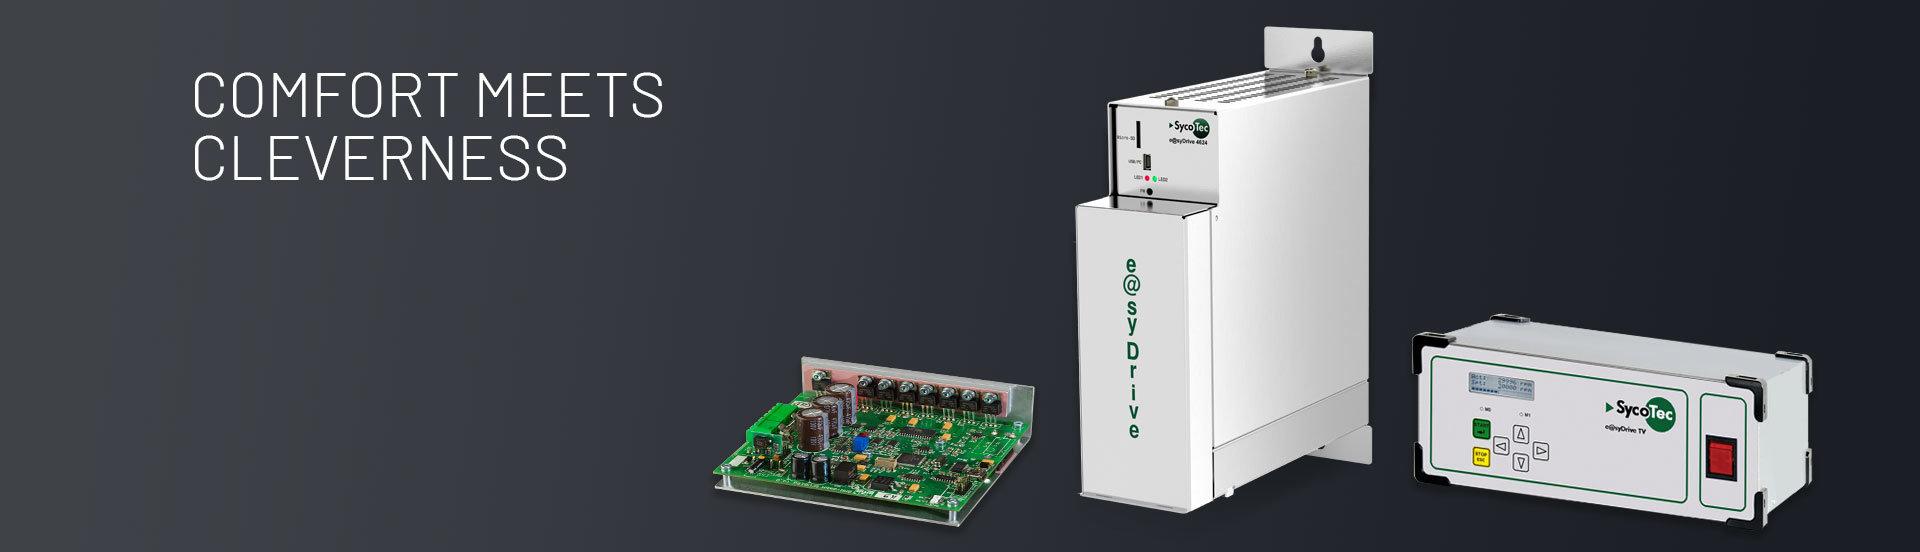 SycoTec GmbH & Co. KG